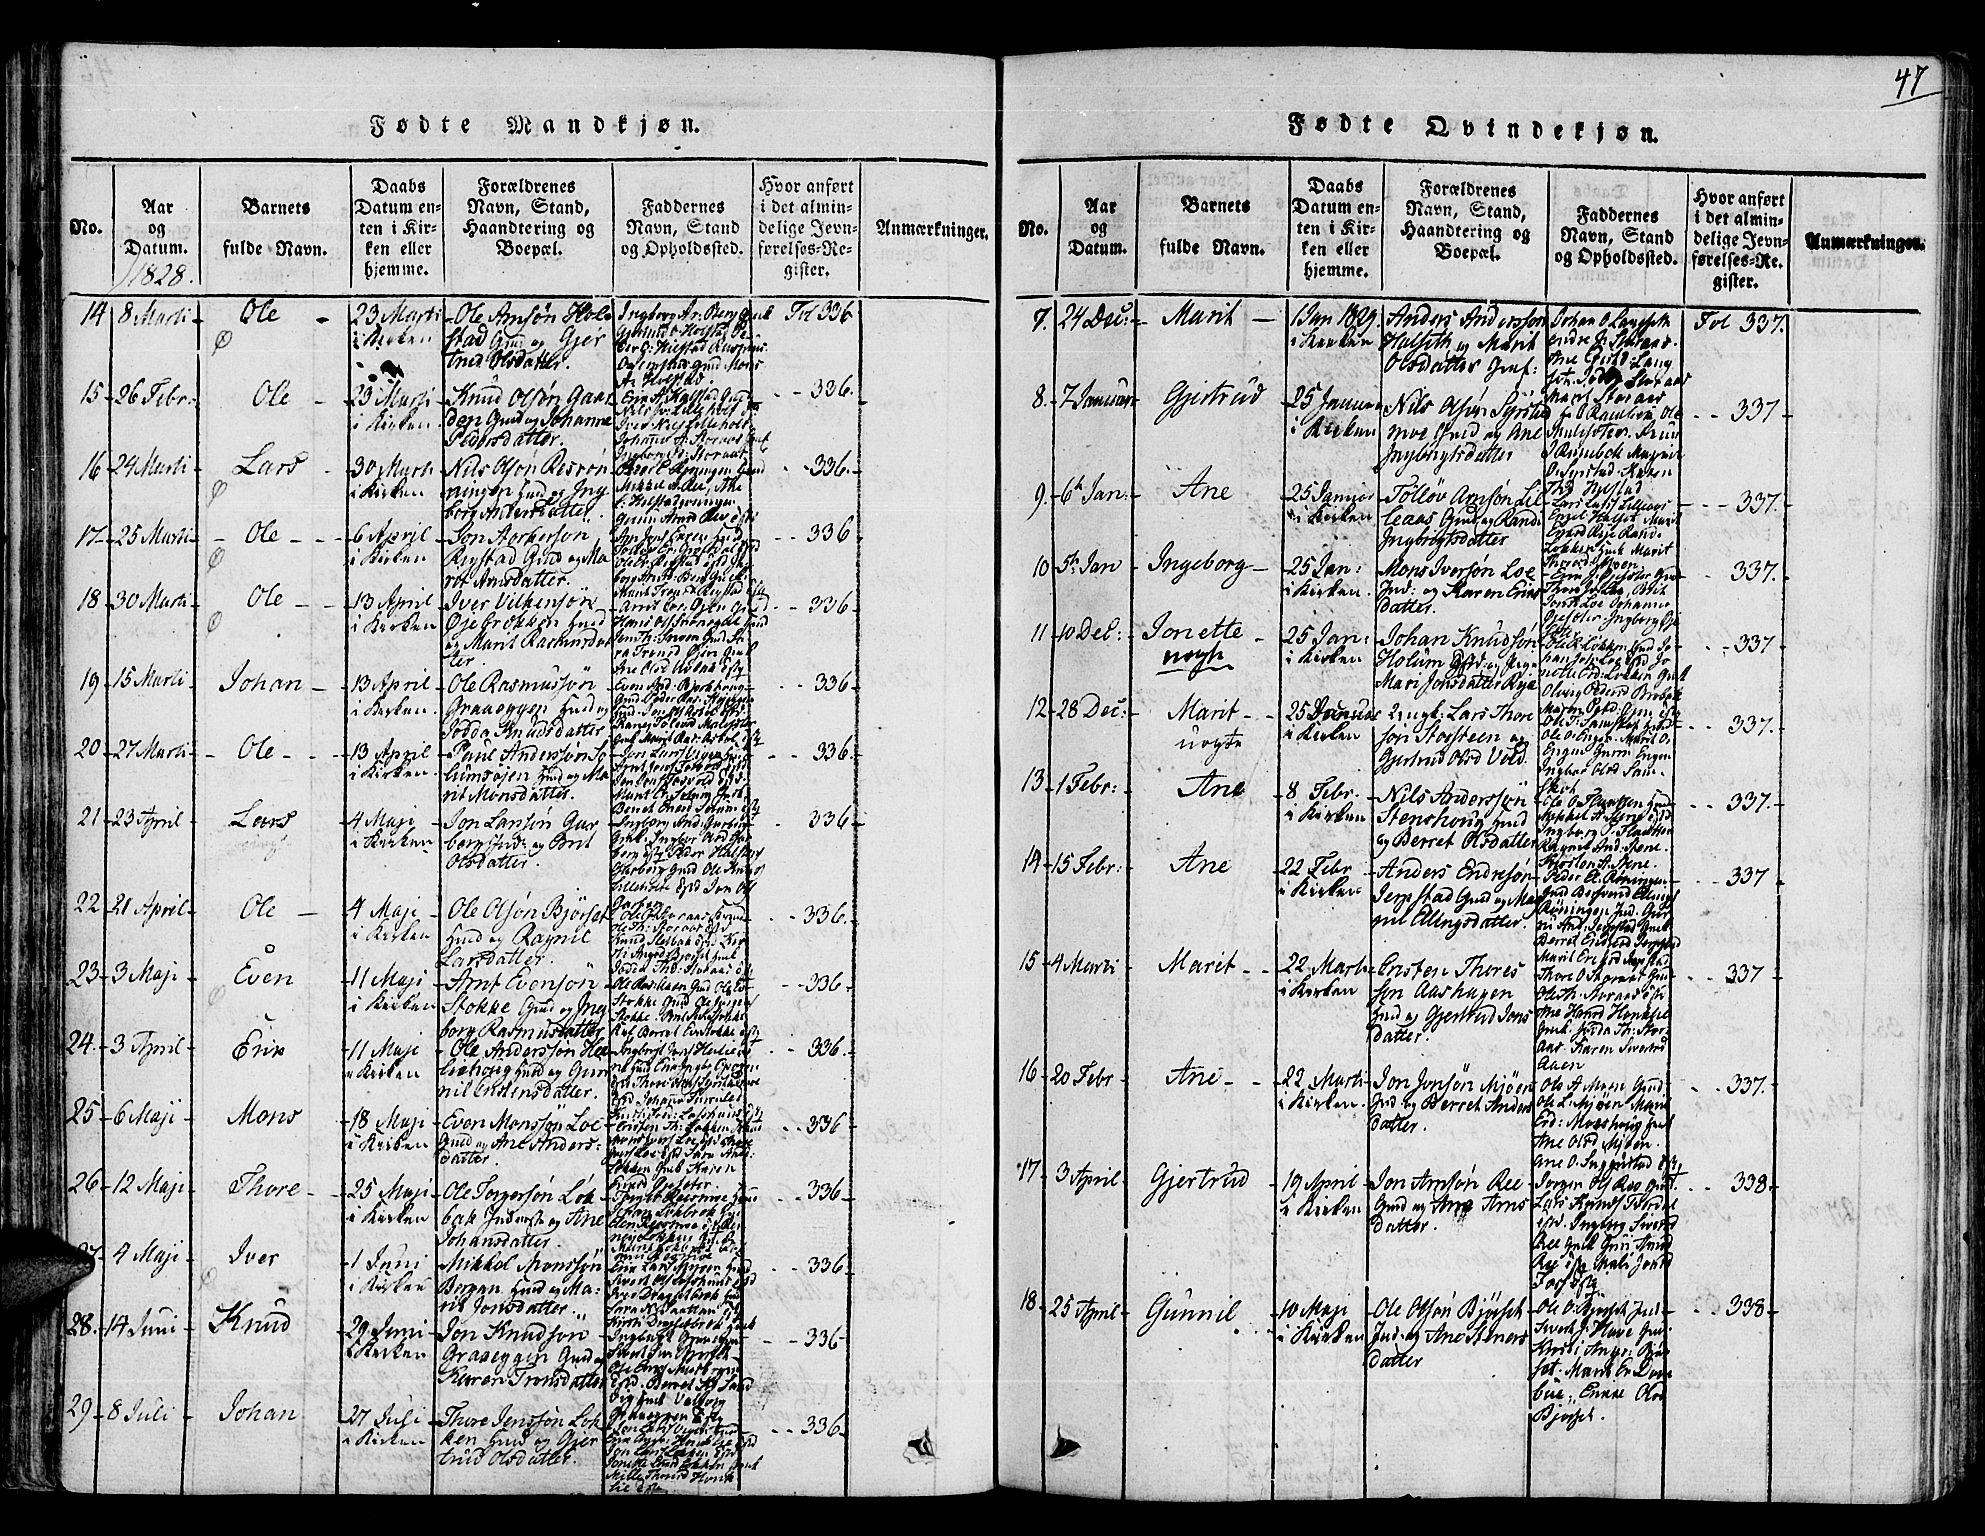 SAT, Ministerialprotokoller, klokkerbøker og fødselsregistre - Sør-Trøndelag, 672/L0853: Ministerialbok nr. 672A06 /1, 1816-1829, s. 47